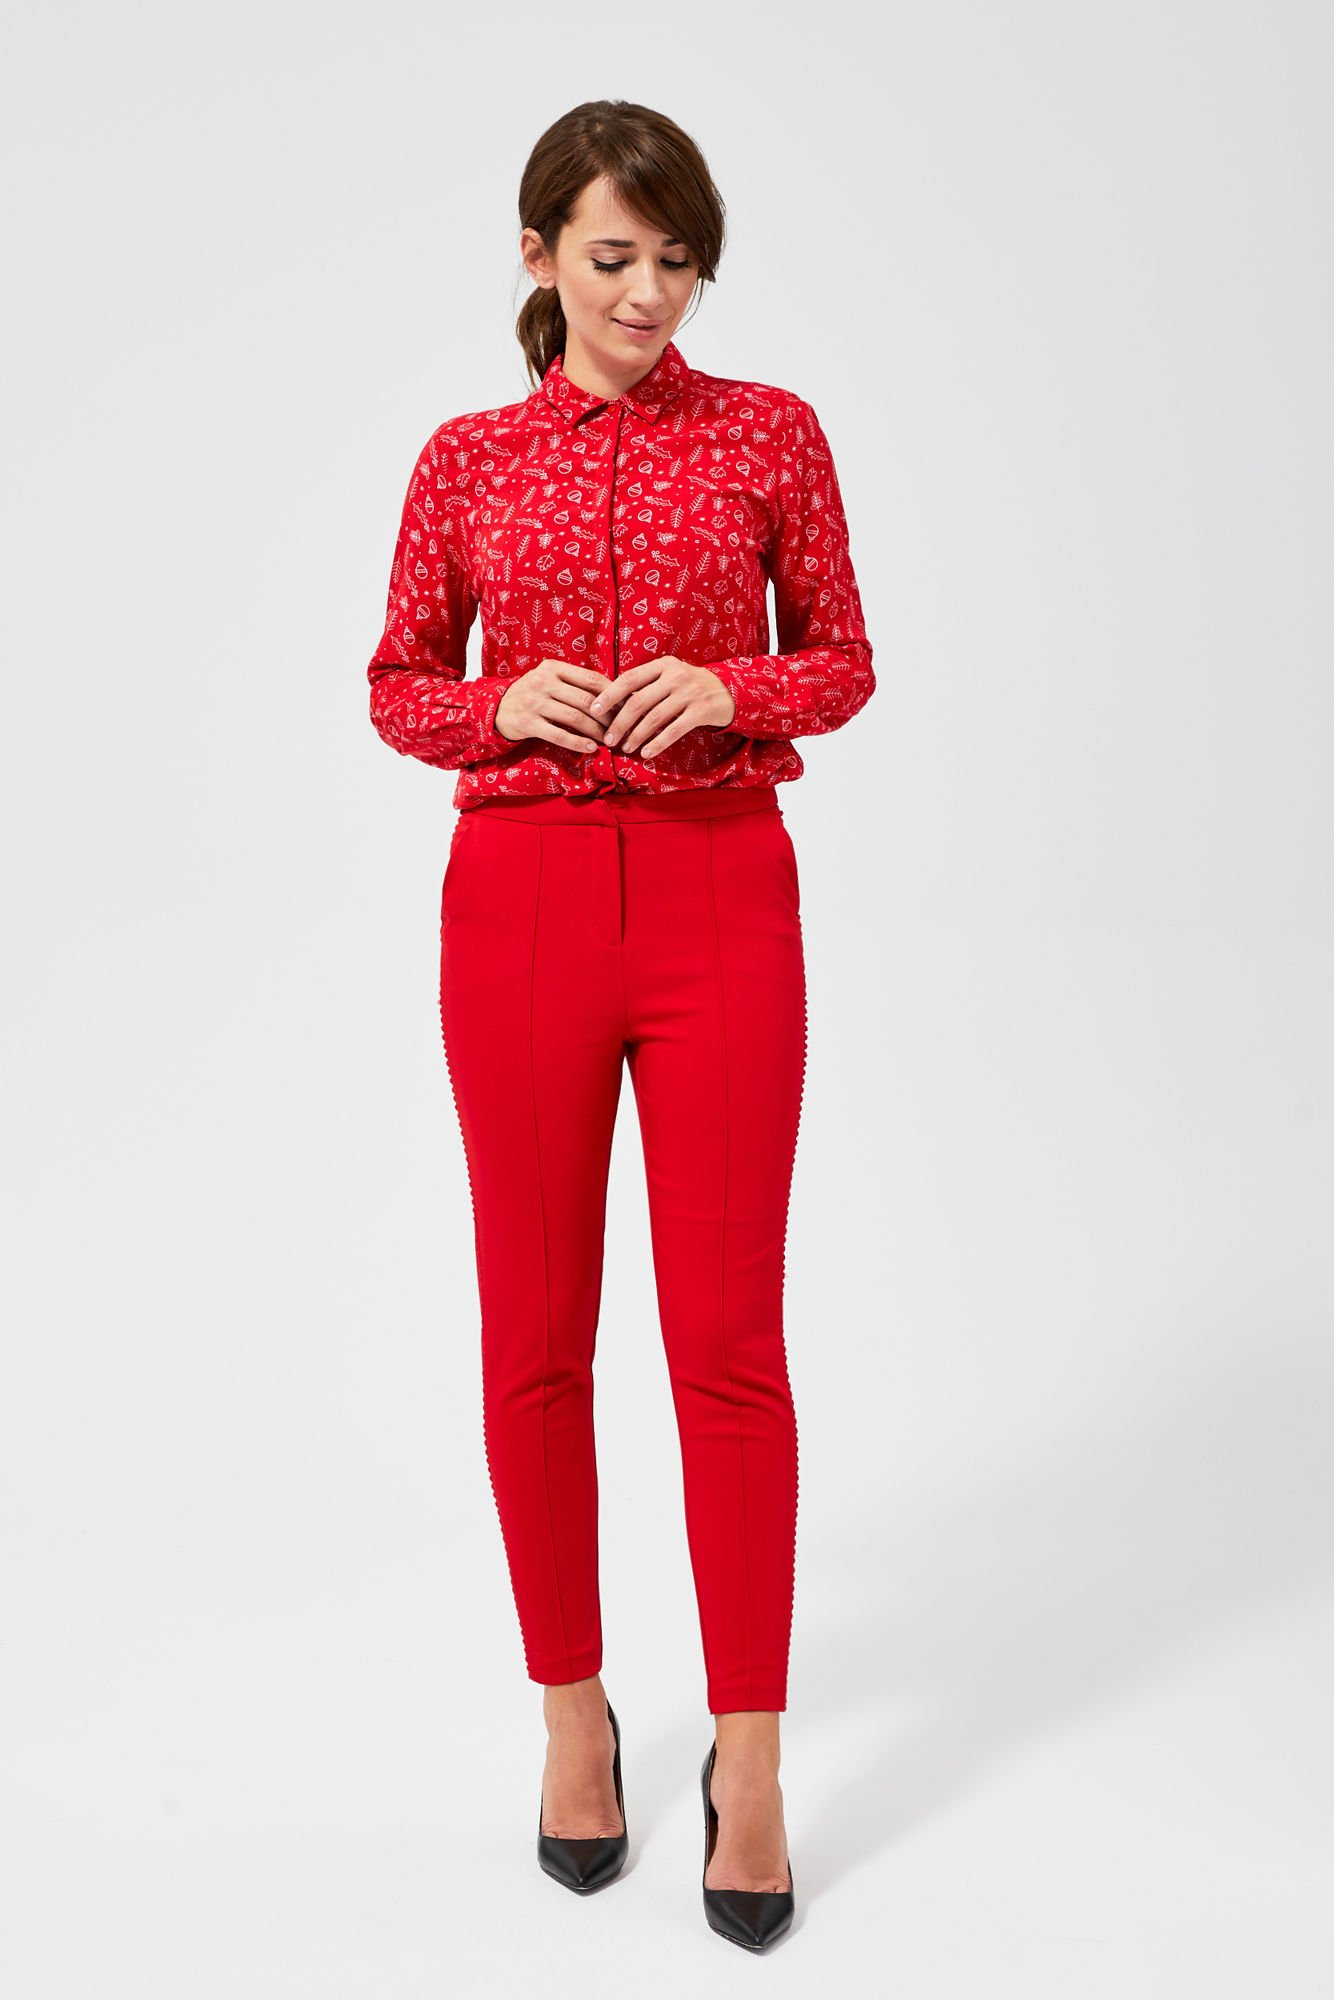 Spodnie z przeszyciami i ozdobnymi lamówkami